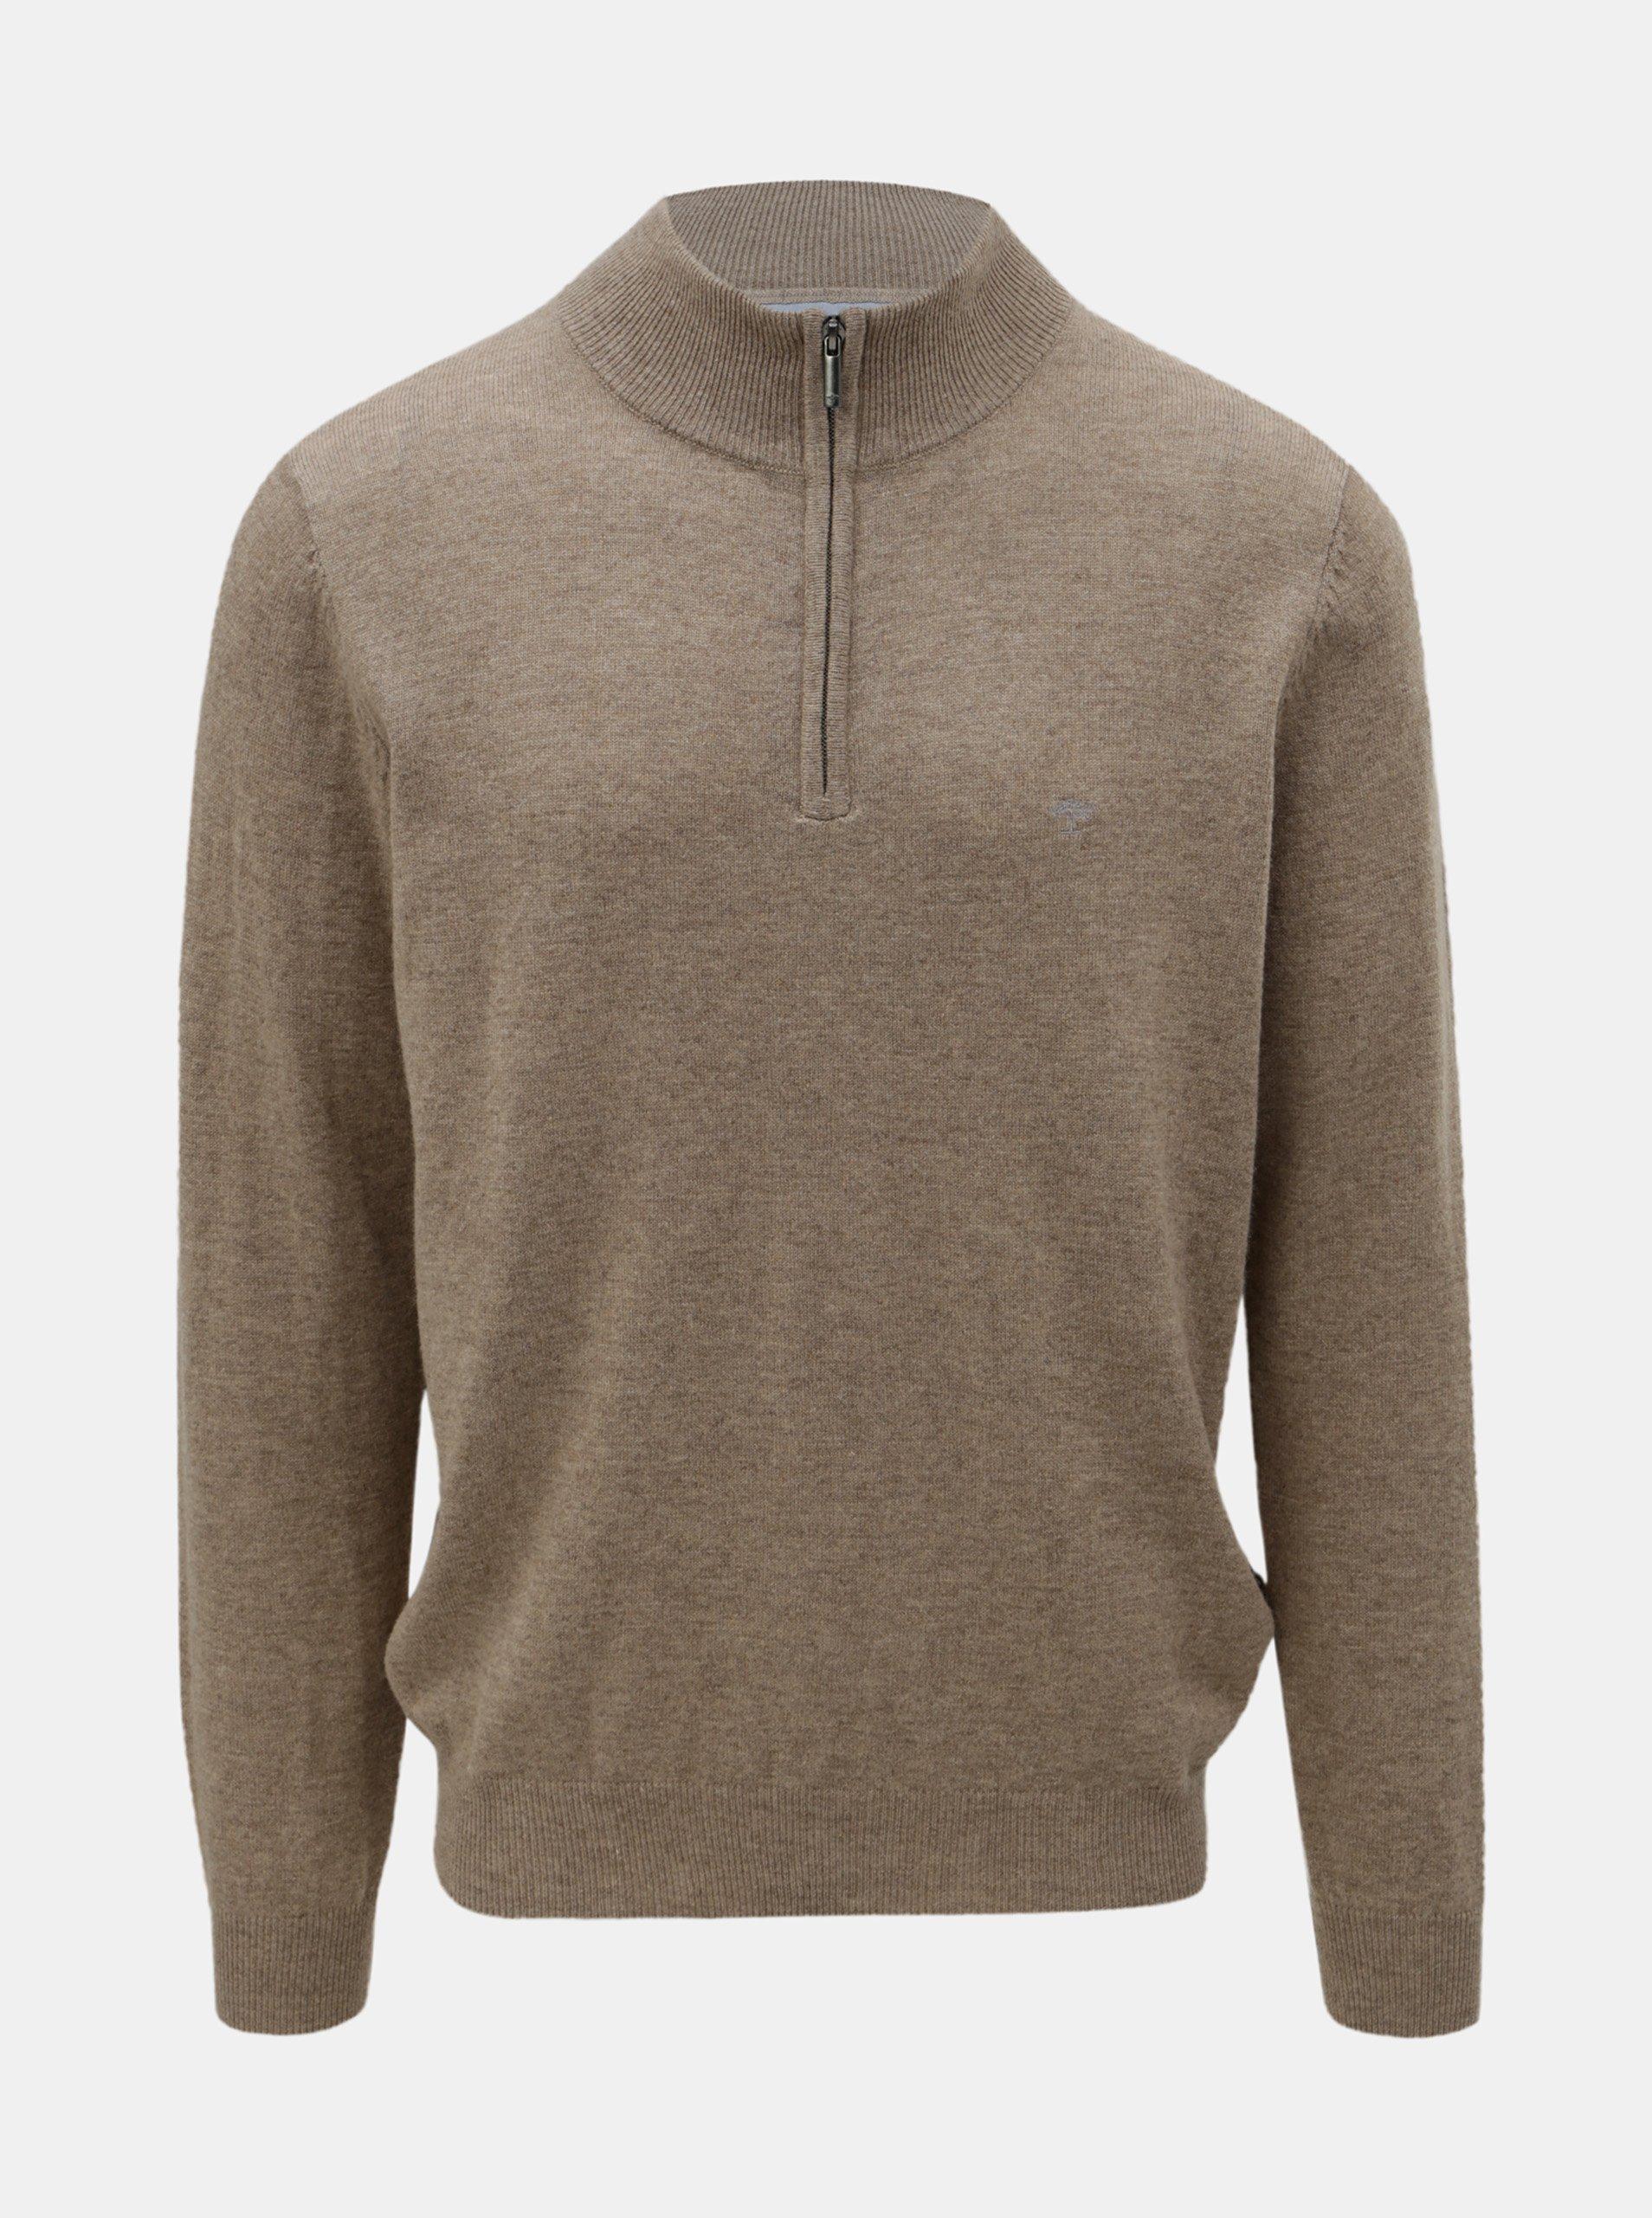 Hnědý svetr z merino vlny s příměsí kašmíru Fynch-Hatton